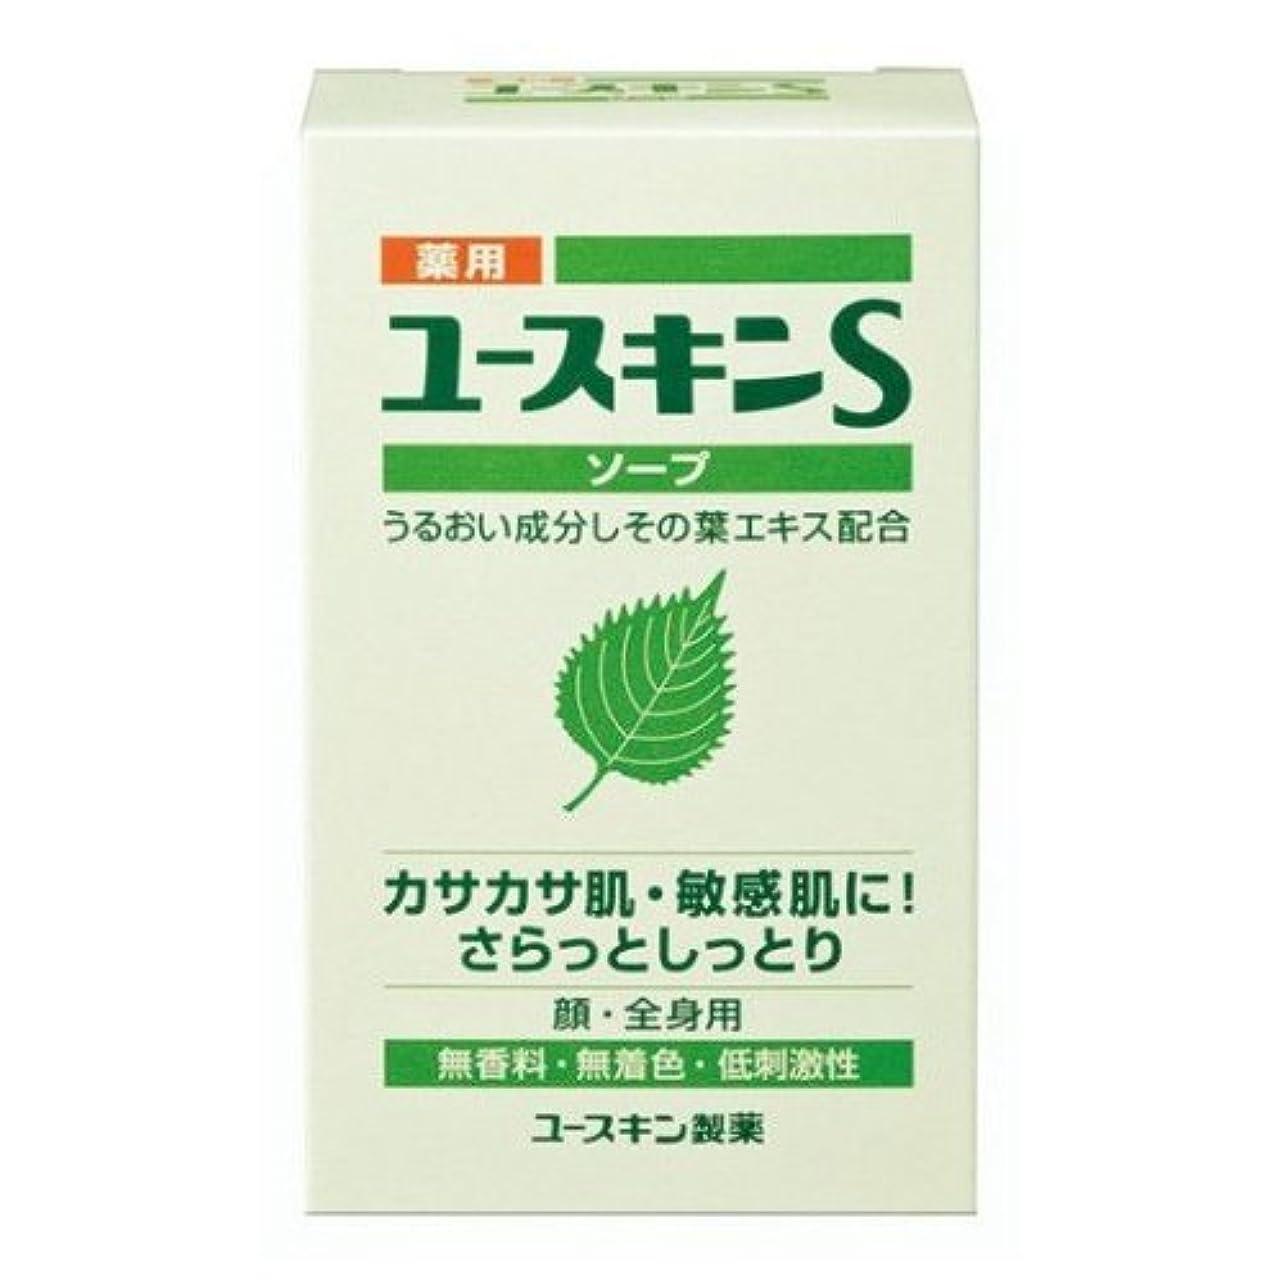 に話す海洋の家事薬用ユースキンS ソープ 90g (敏感肌用 透明石鹸) 【医薬部外品】